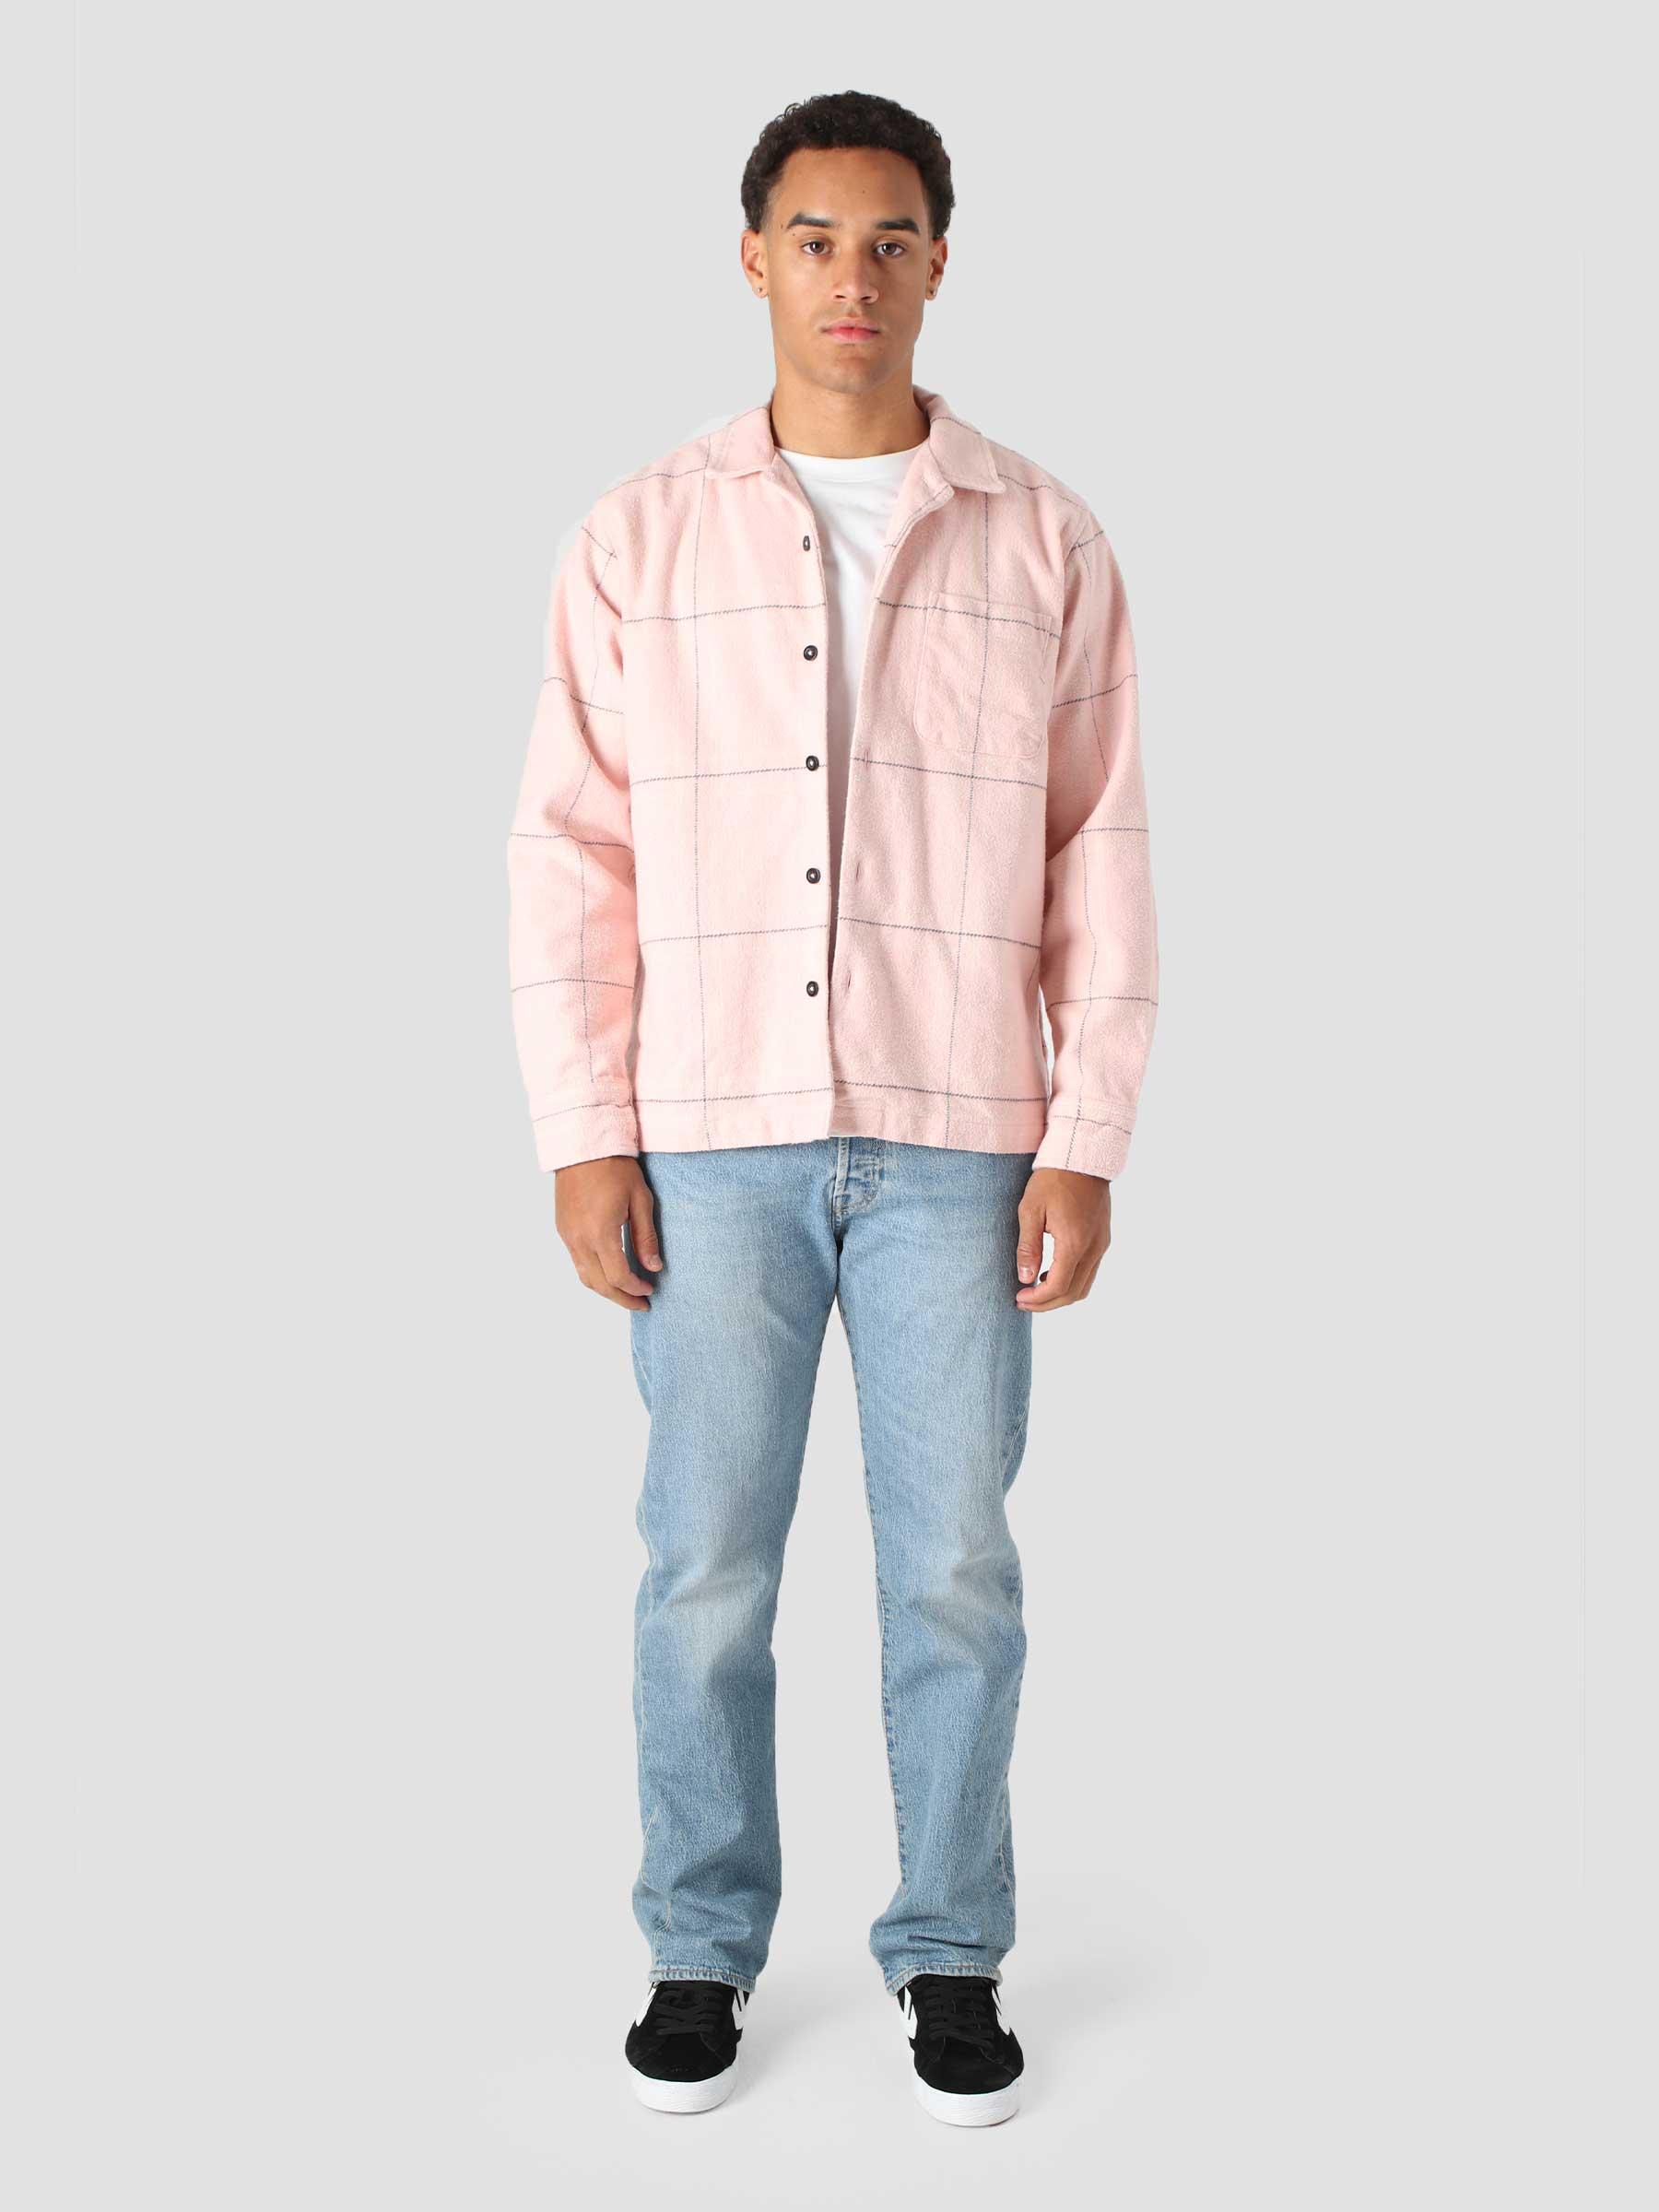 Fiasco Woven Longsleeve Woven Pink Multi 181200336